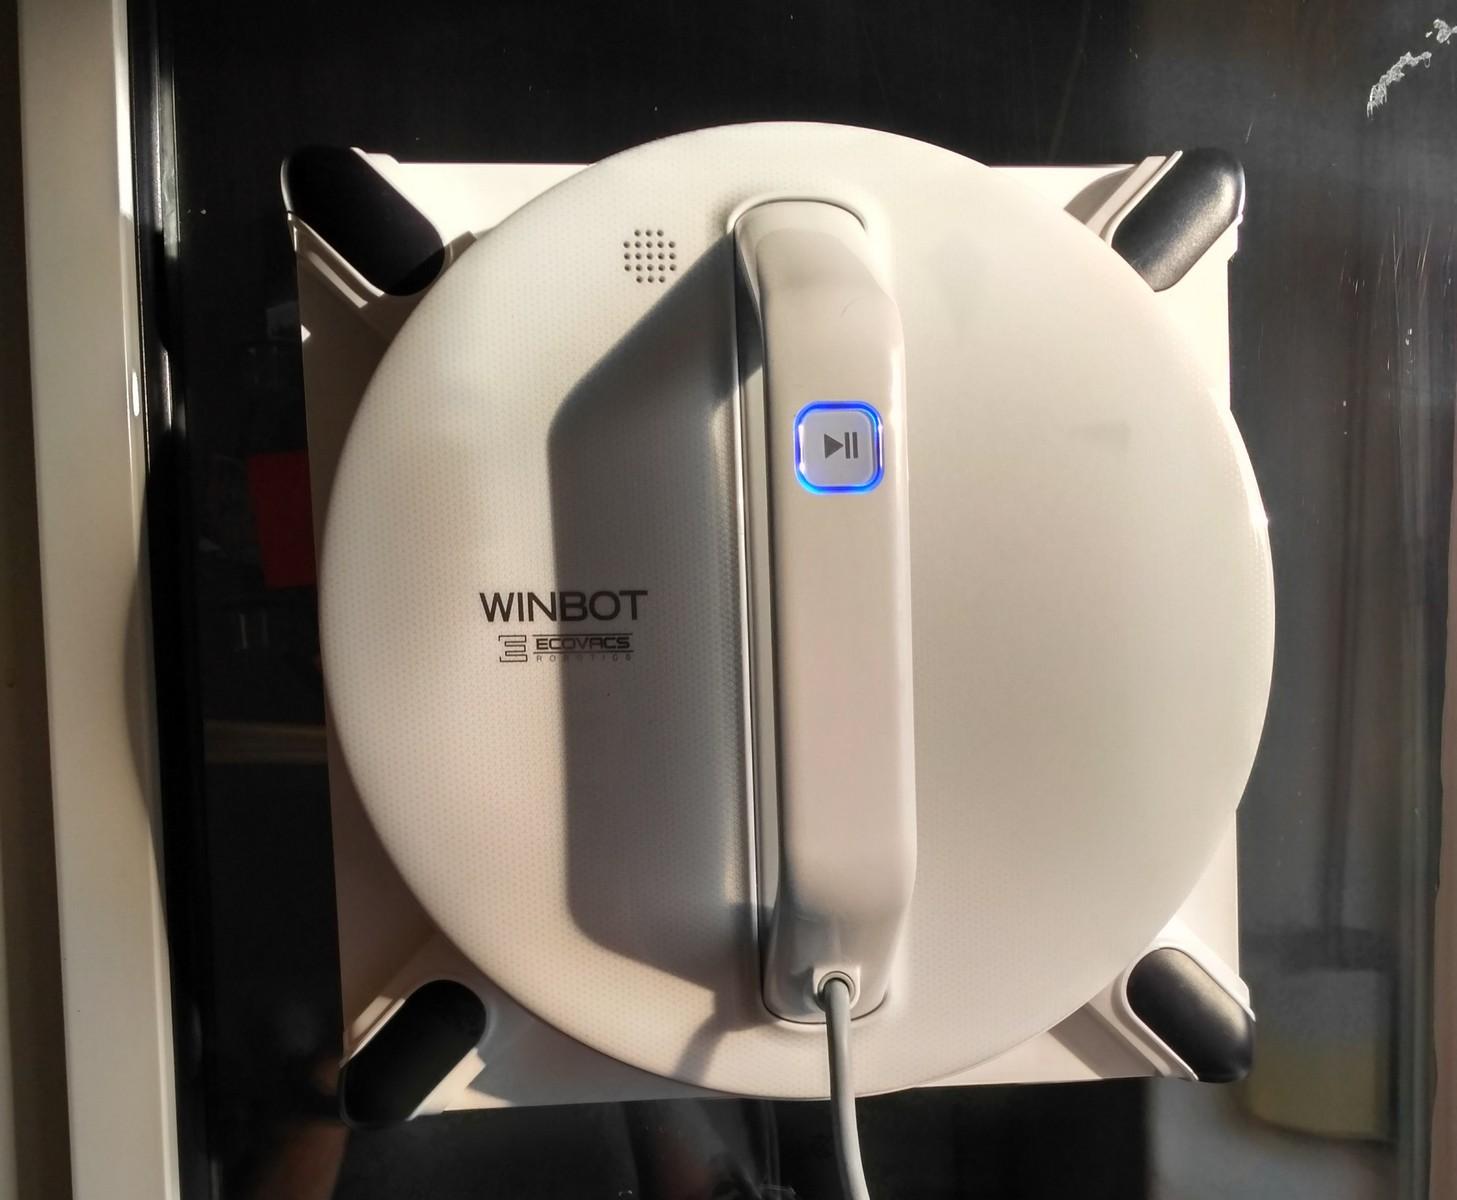 робот для мойки окон ecovacs winbot w950 - отзывы